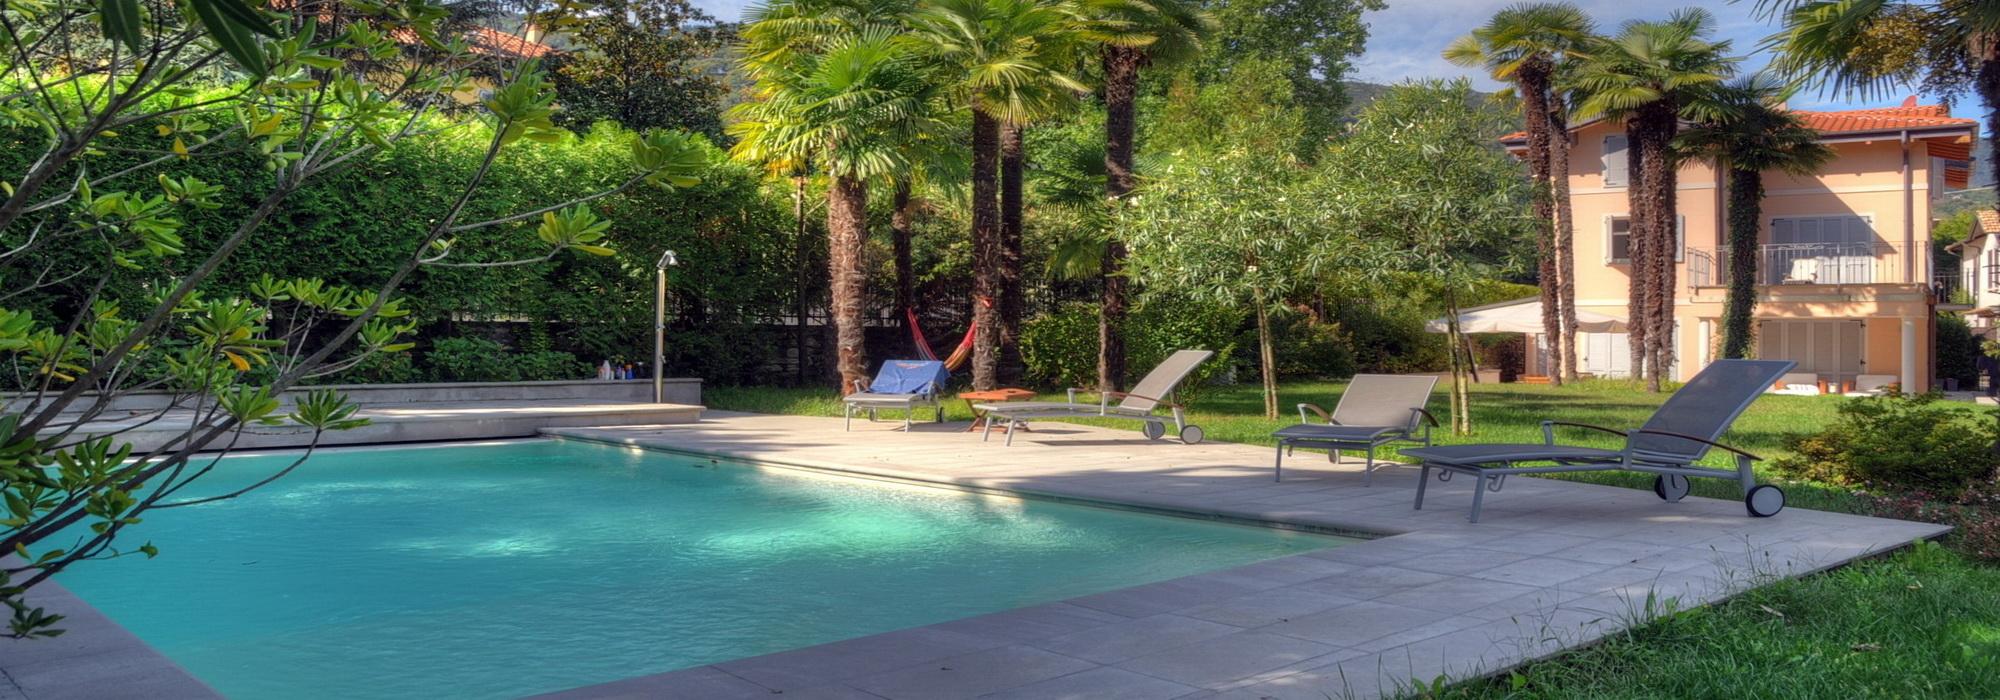 Stresa Città – Villa con parco e piscina